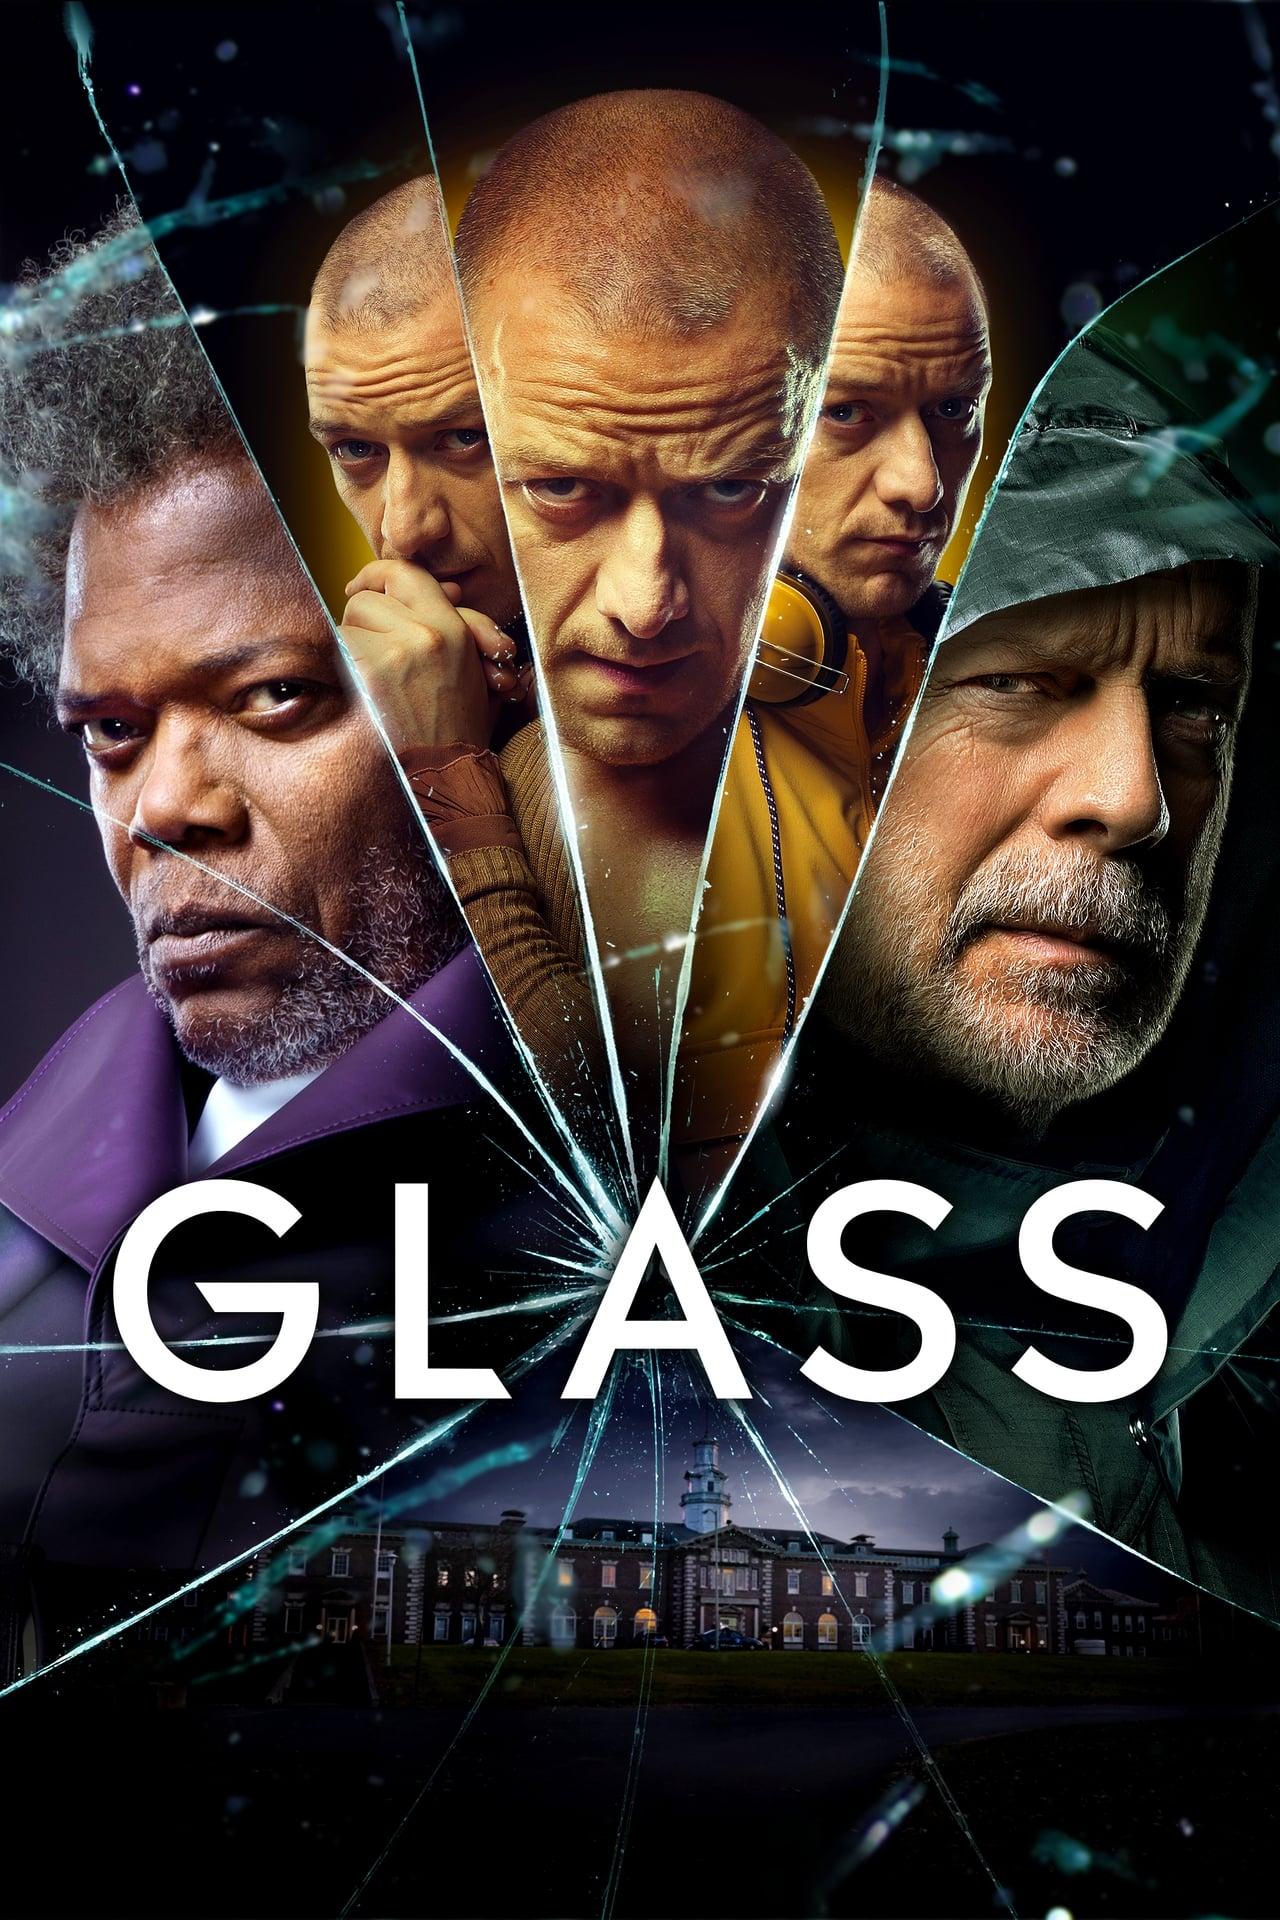 phim đa nhân cách glass